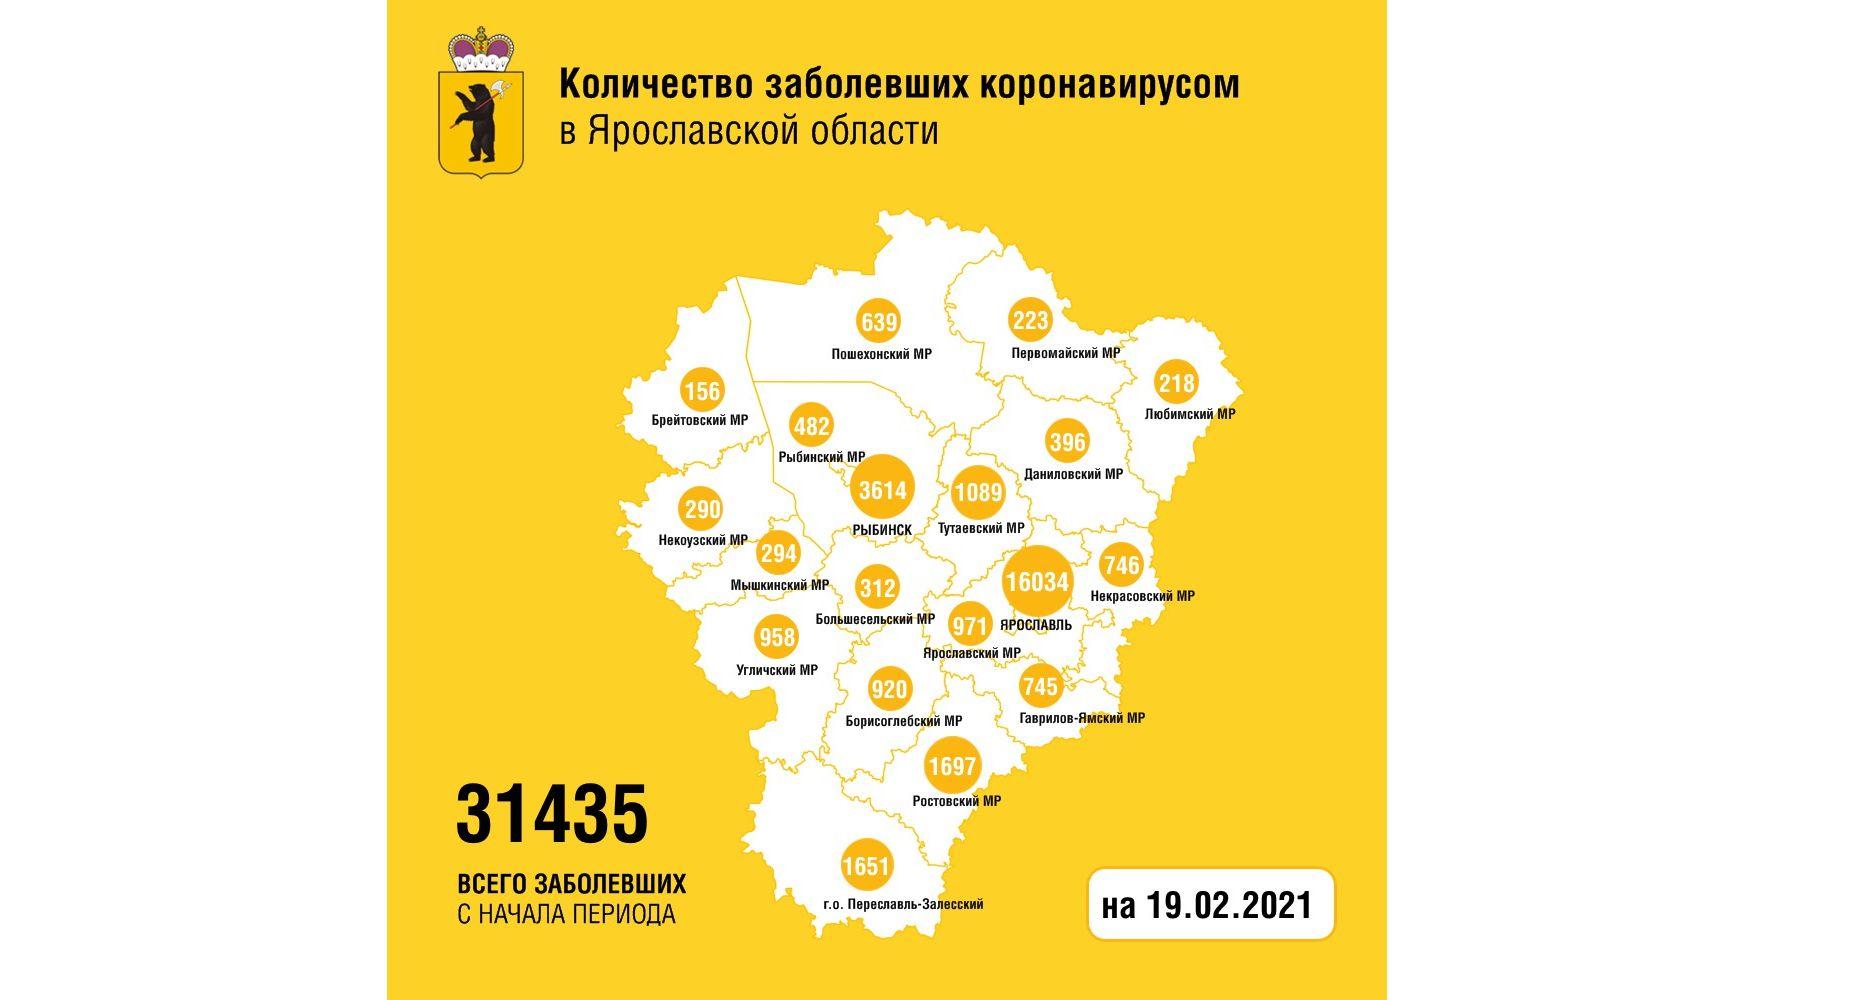 В Ярославской области коронавирусом заболел еще 161 человек, скончались четверо